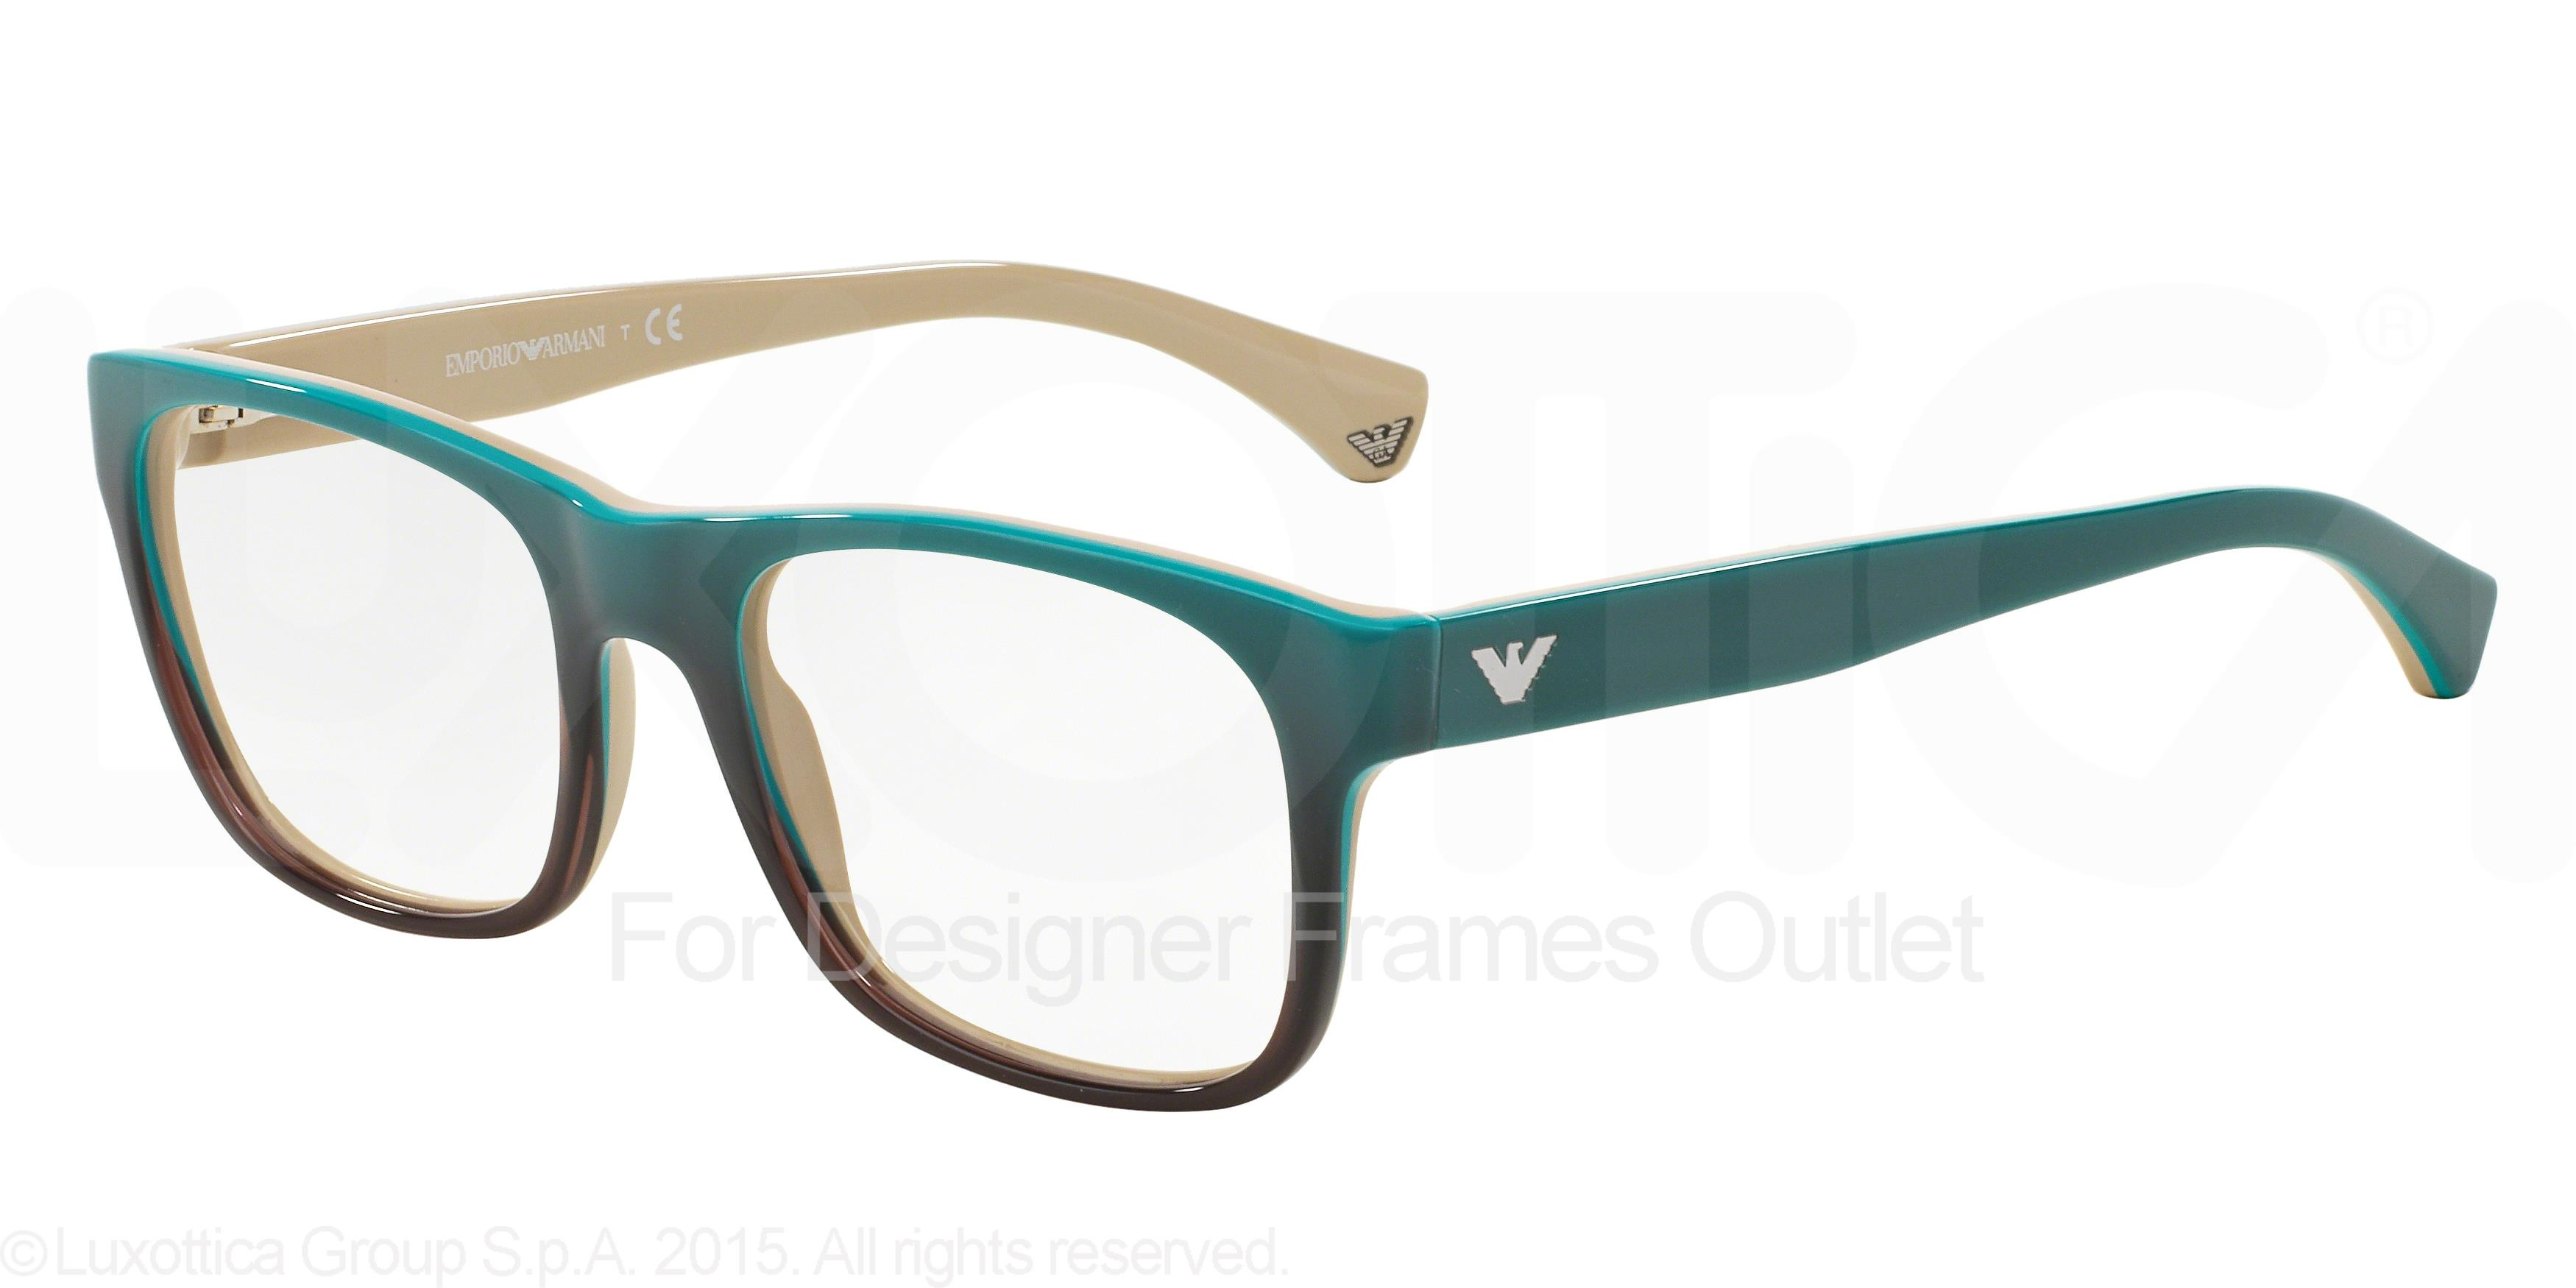 862a9f0326 Designer Frames Outlet. Emporio Armani EA3056